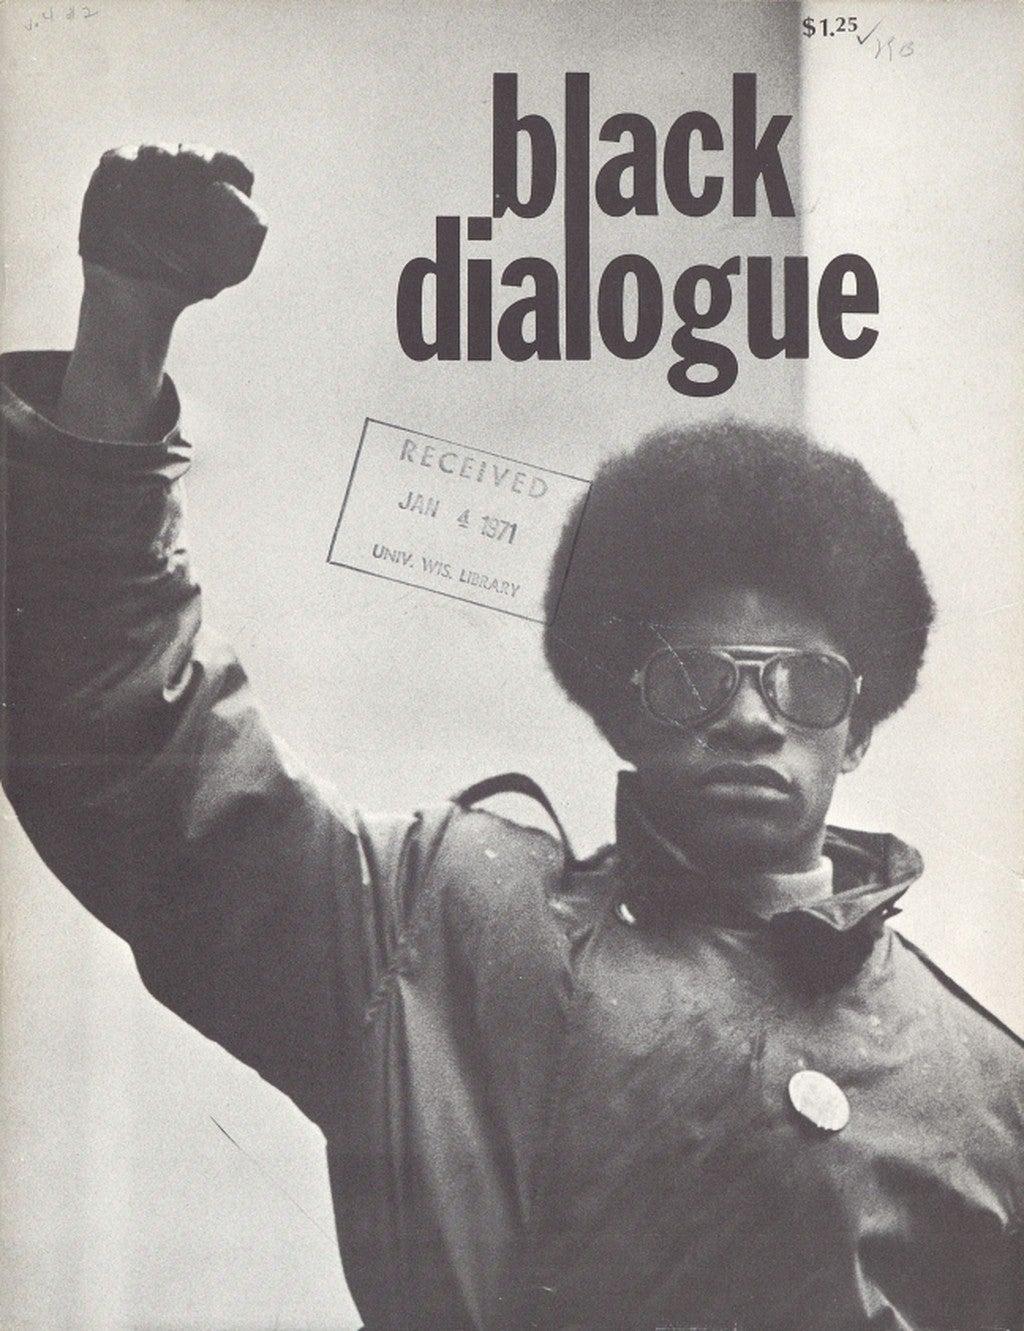 Magazine Cover for Black Dialogue. Vol. 4, No. 2, 1970